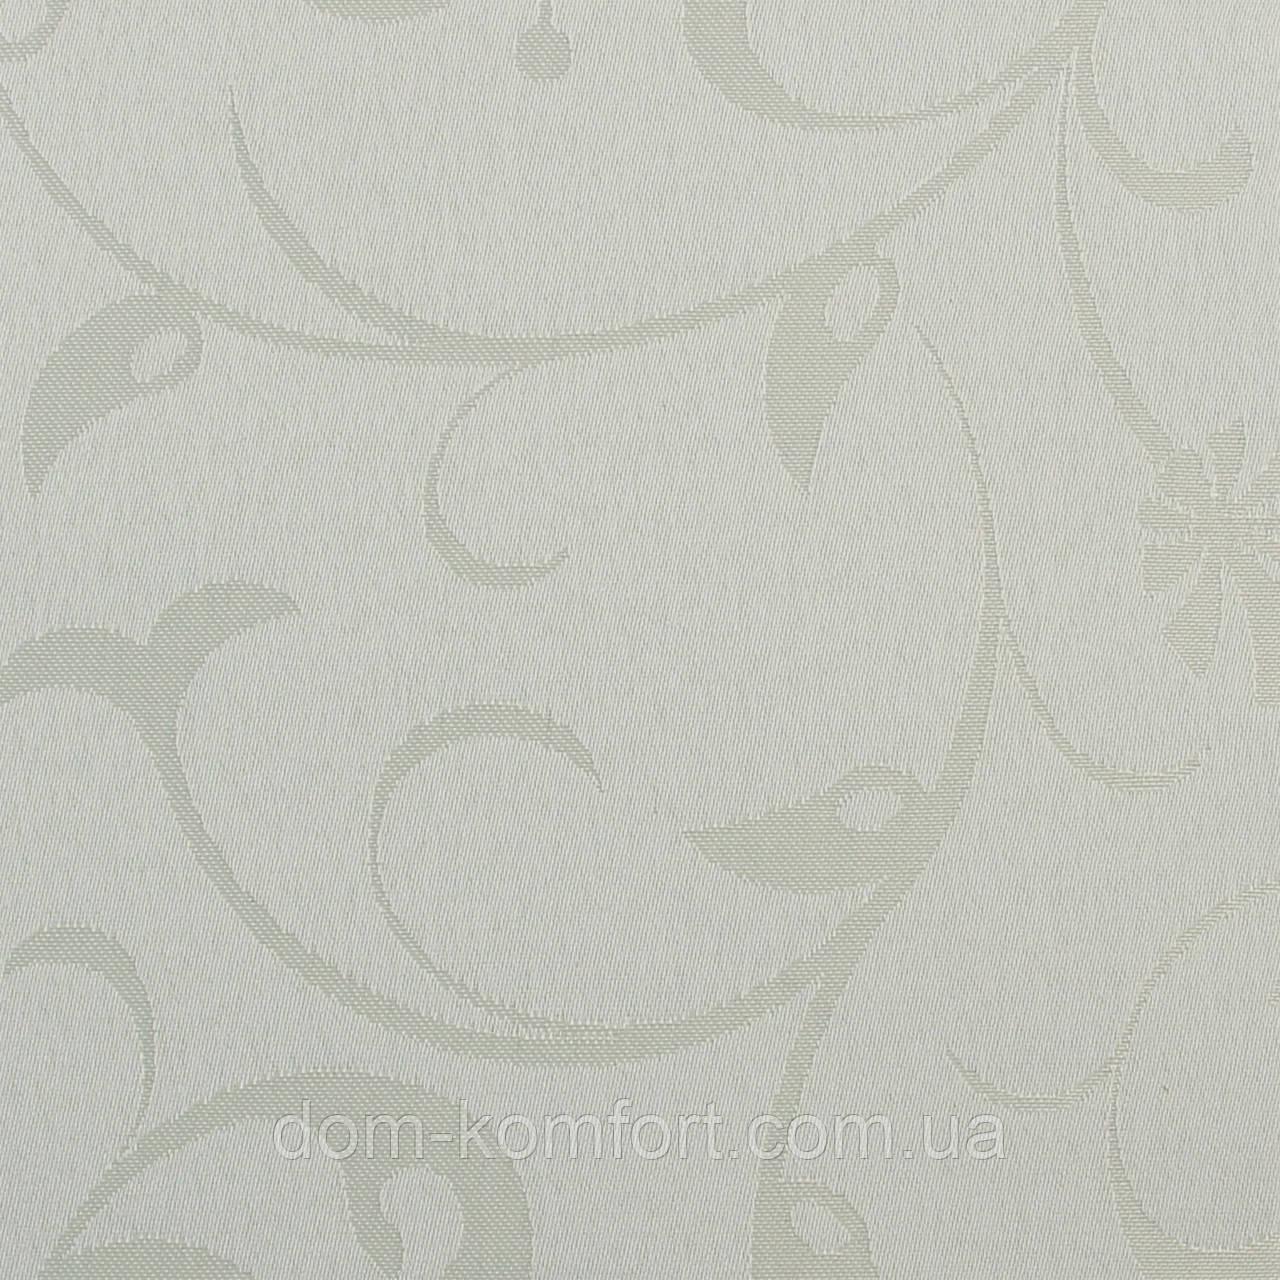 Рулонные шторы Ткань Ольга 350 Белый